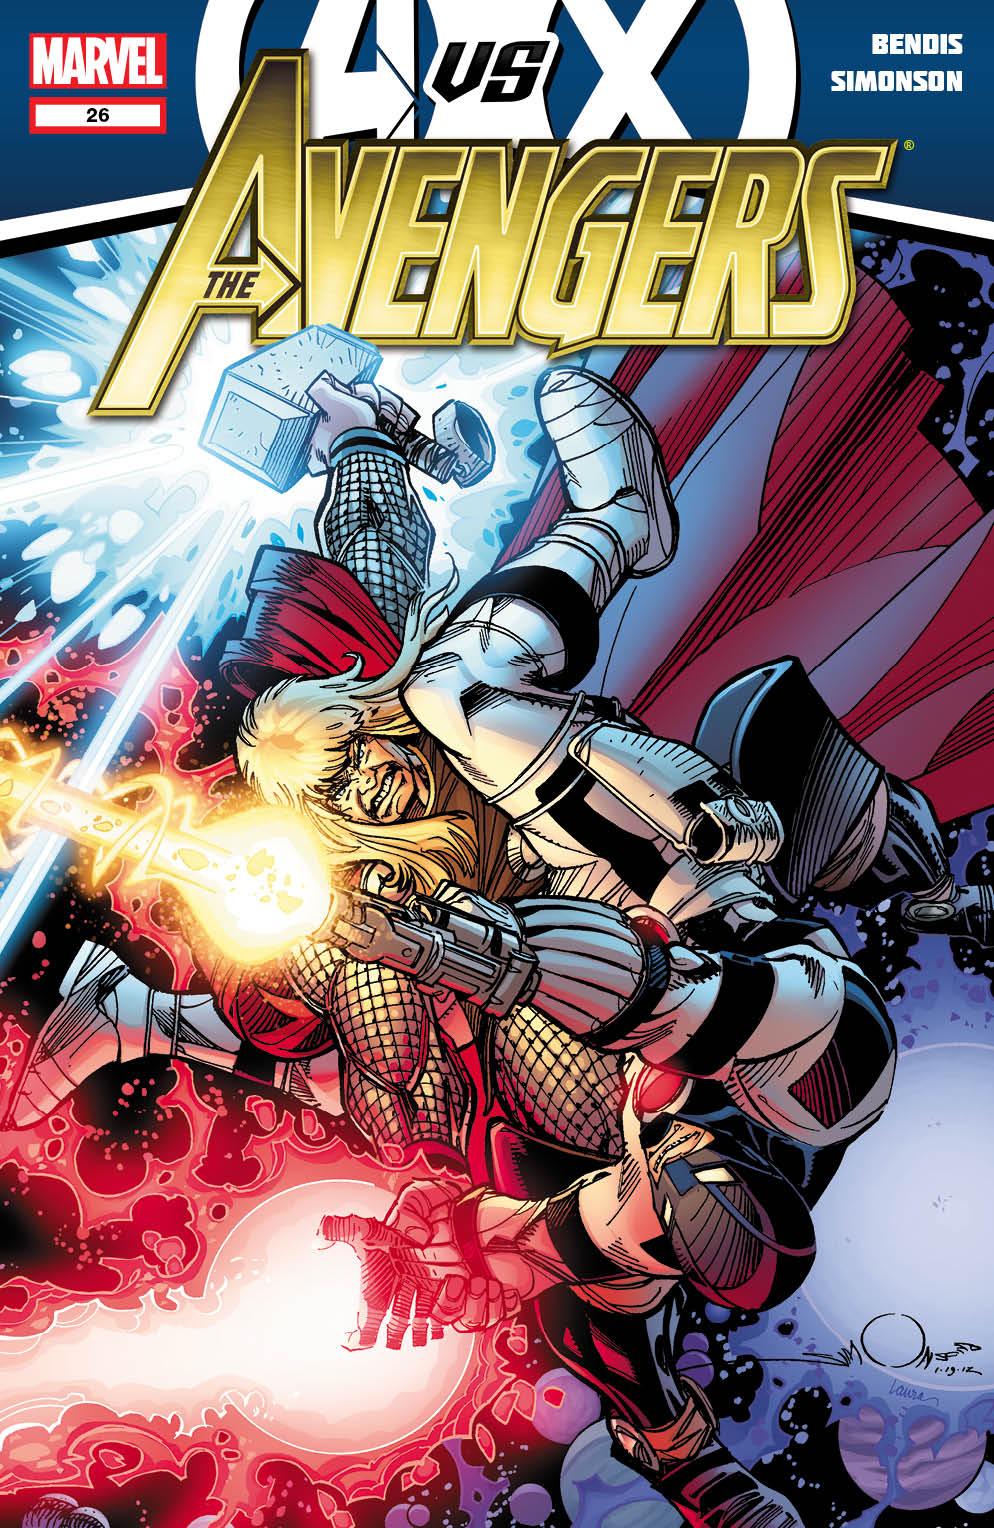 Avengers (2010) #26